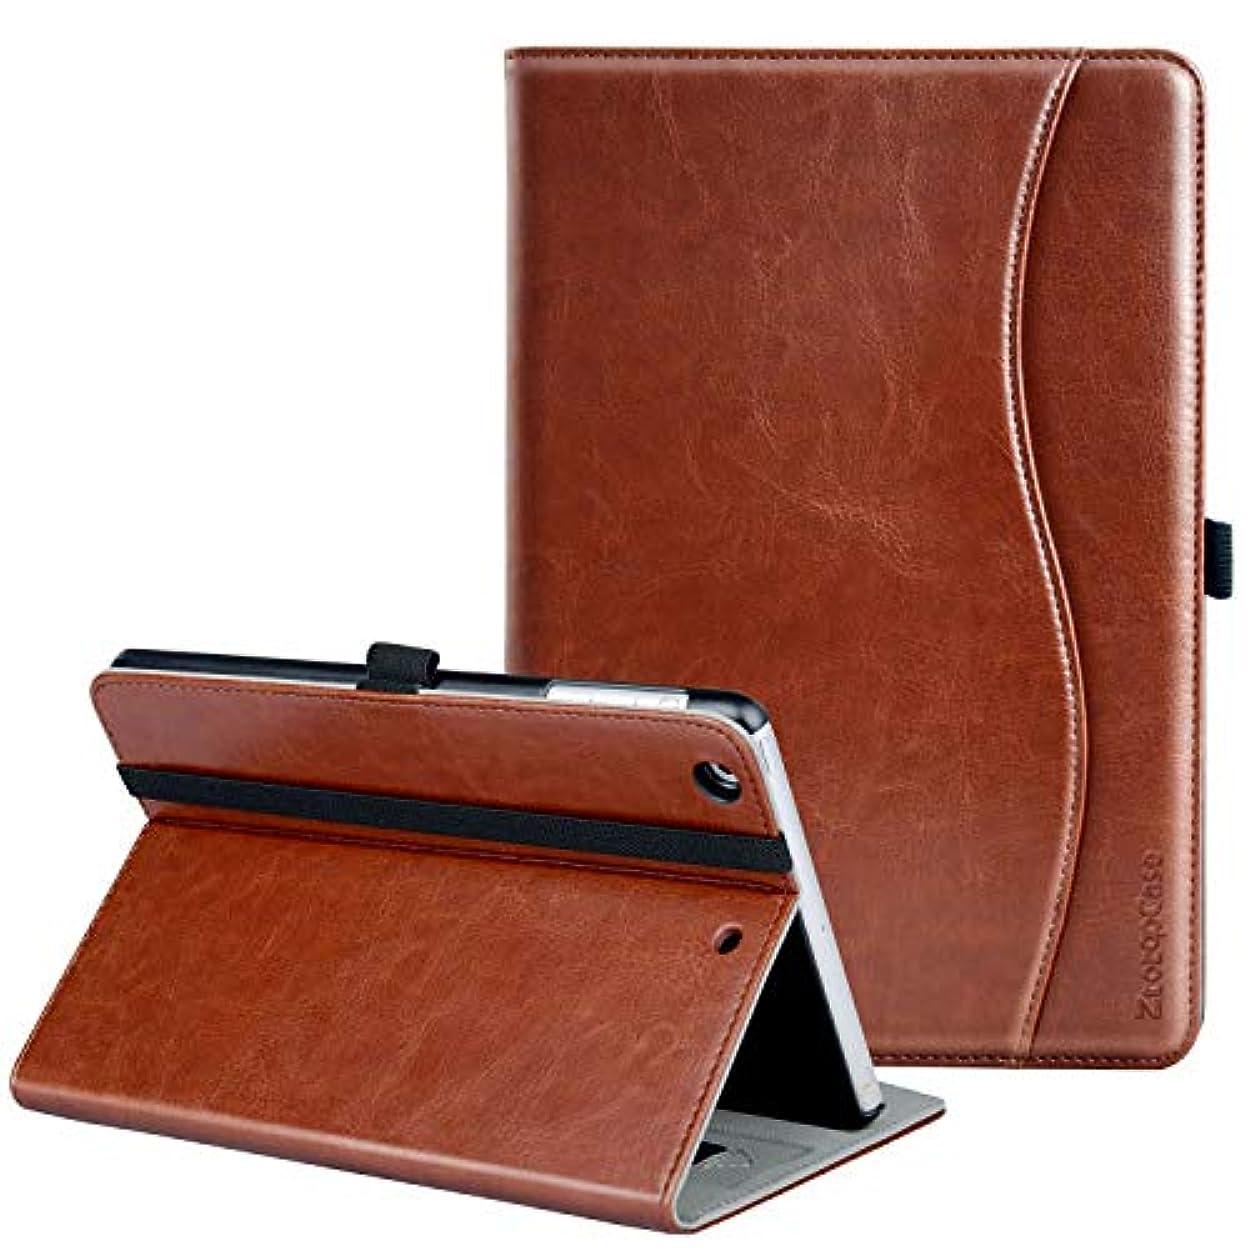 充実代替贅沢Ztotop iPad Mini/Mini2/Mini3 ケース 高級PUレザー オートスリープ機能 ポケット付き(ブラウン)